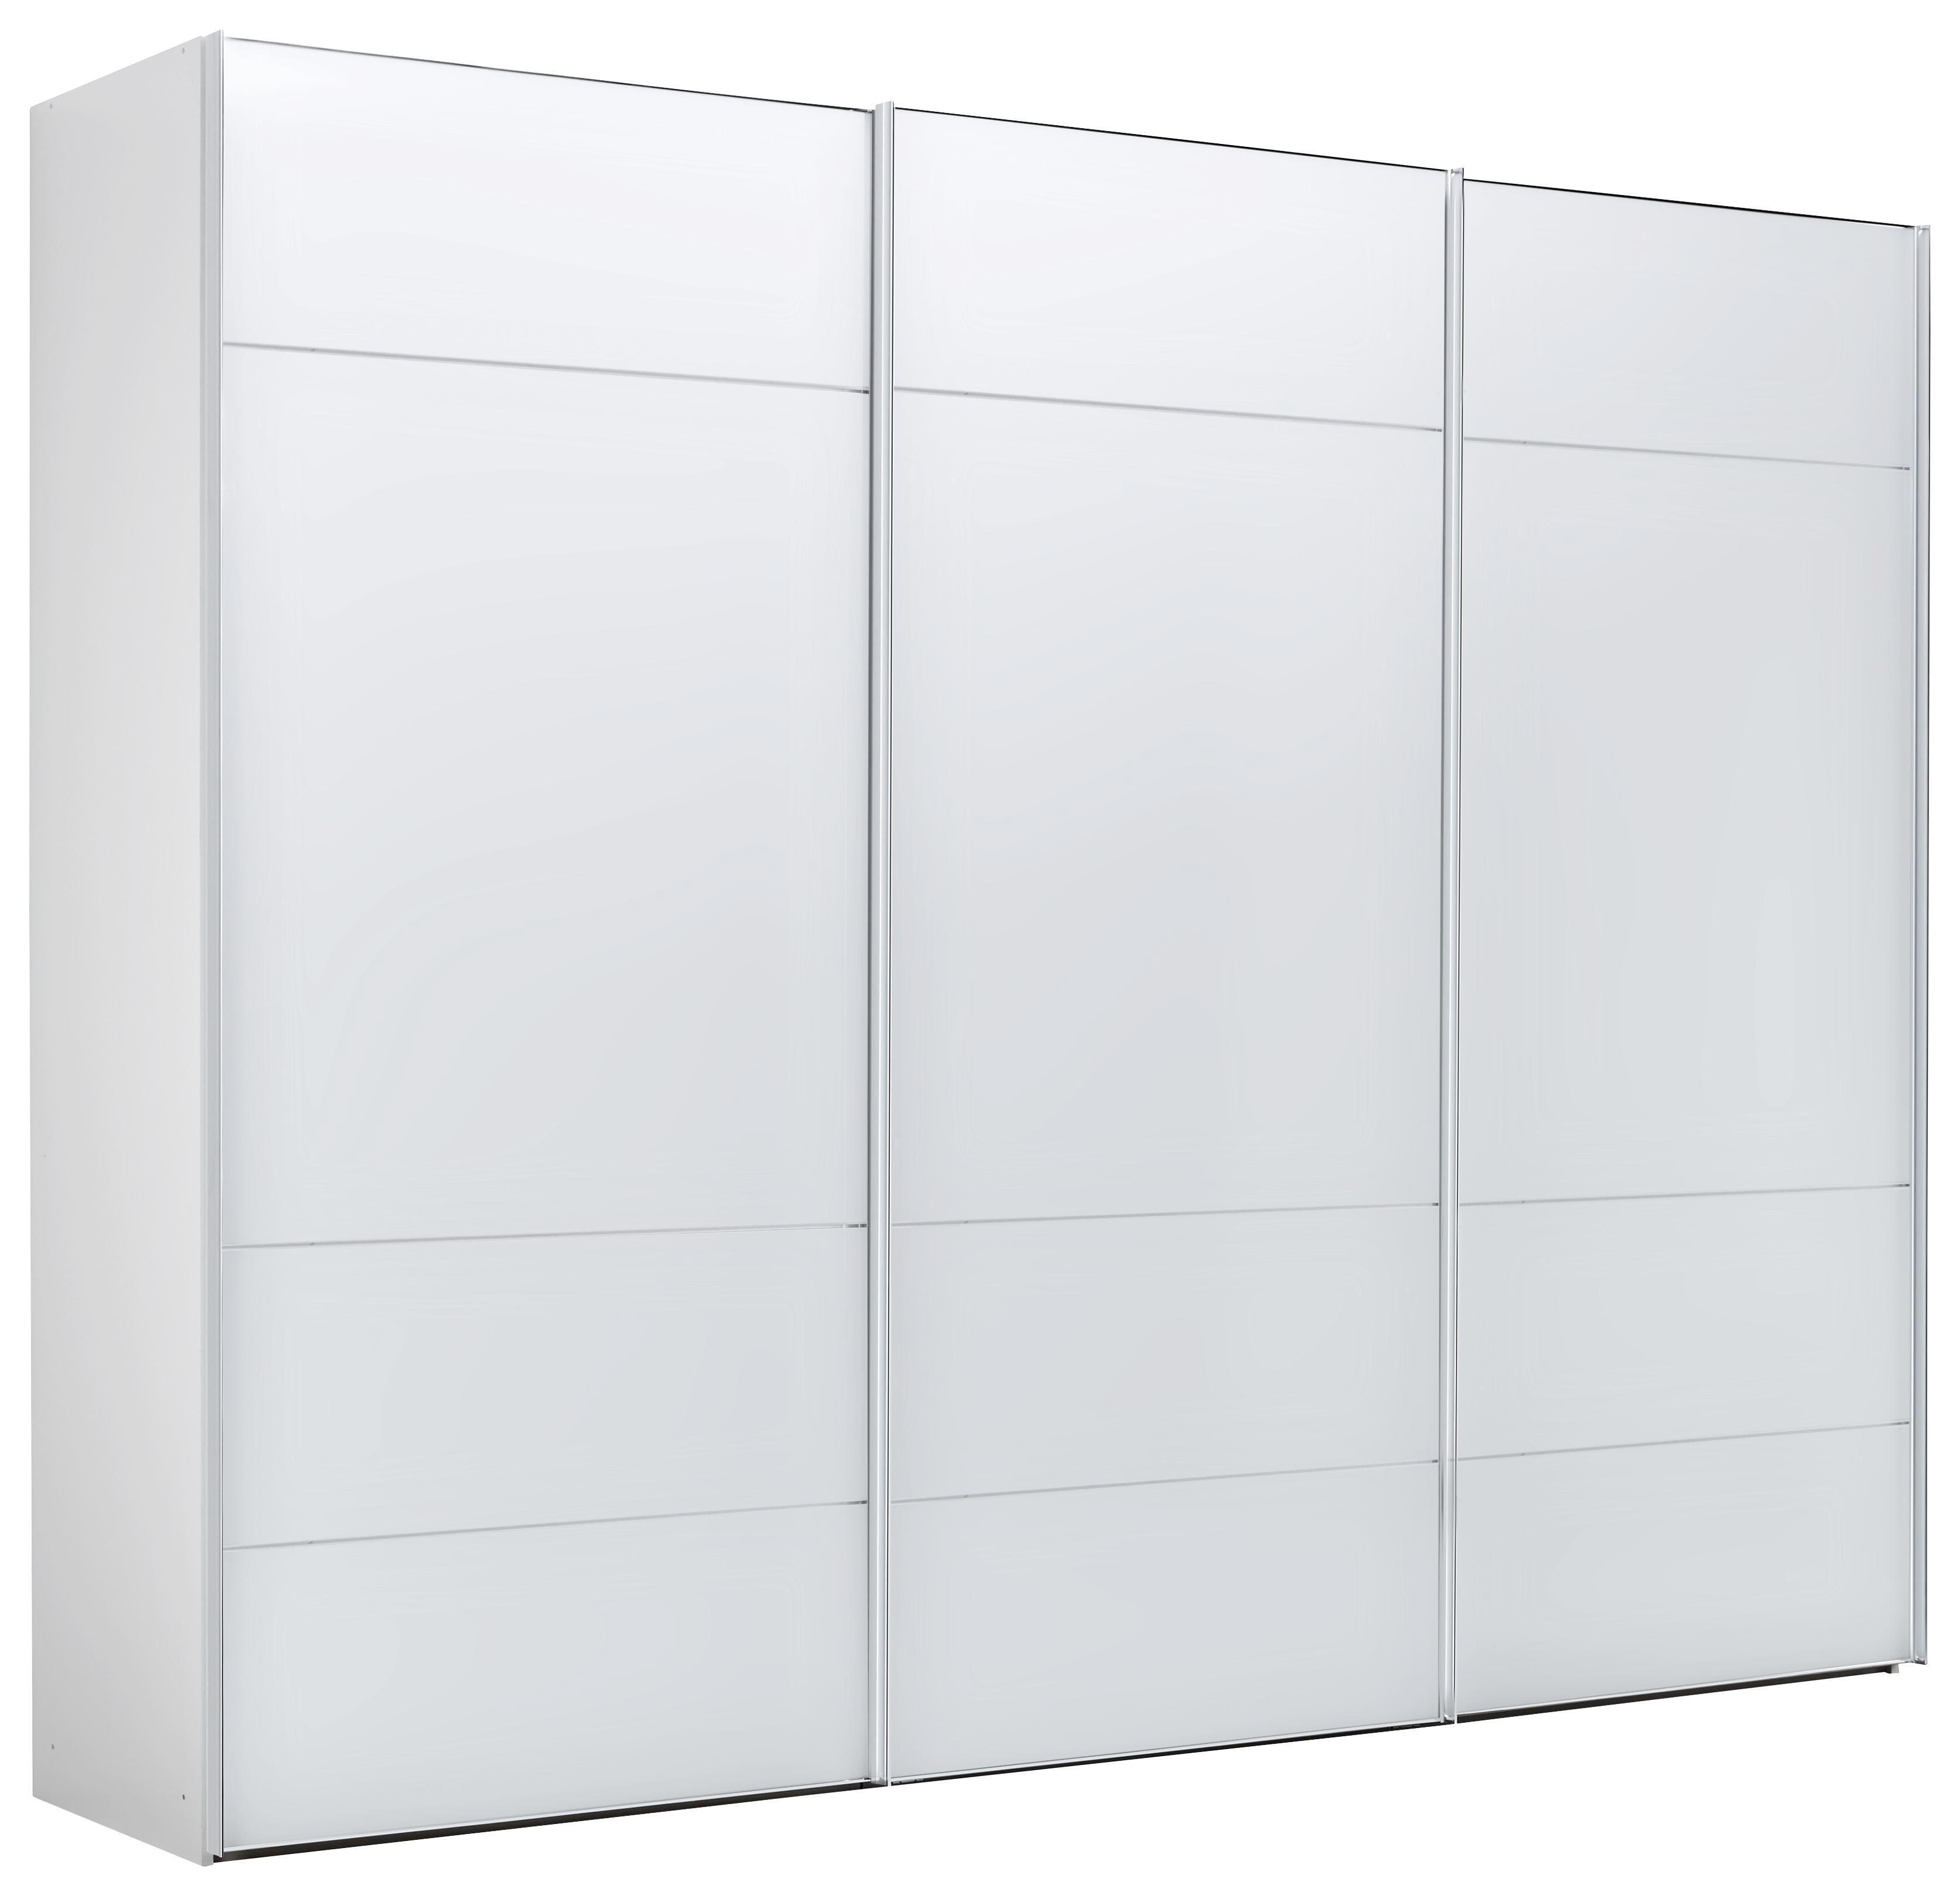 Mömax Badezimmer Schrank: Schwebetürenschrank Weiß Online Kaufen Mömax